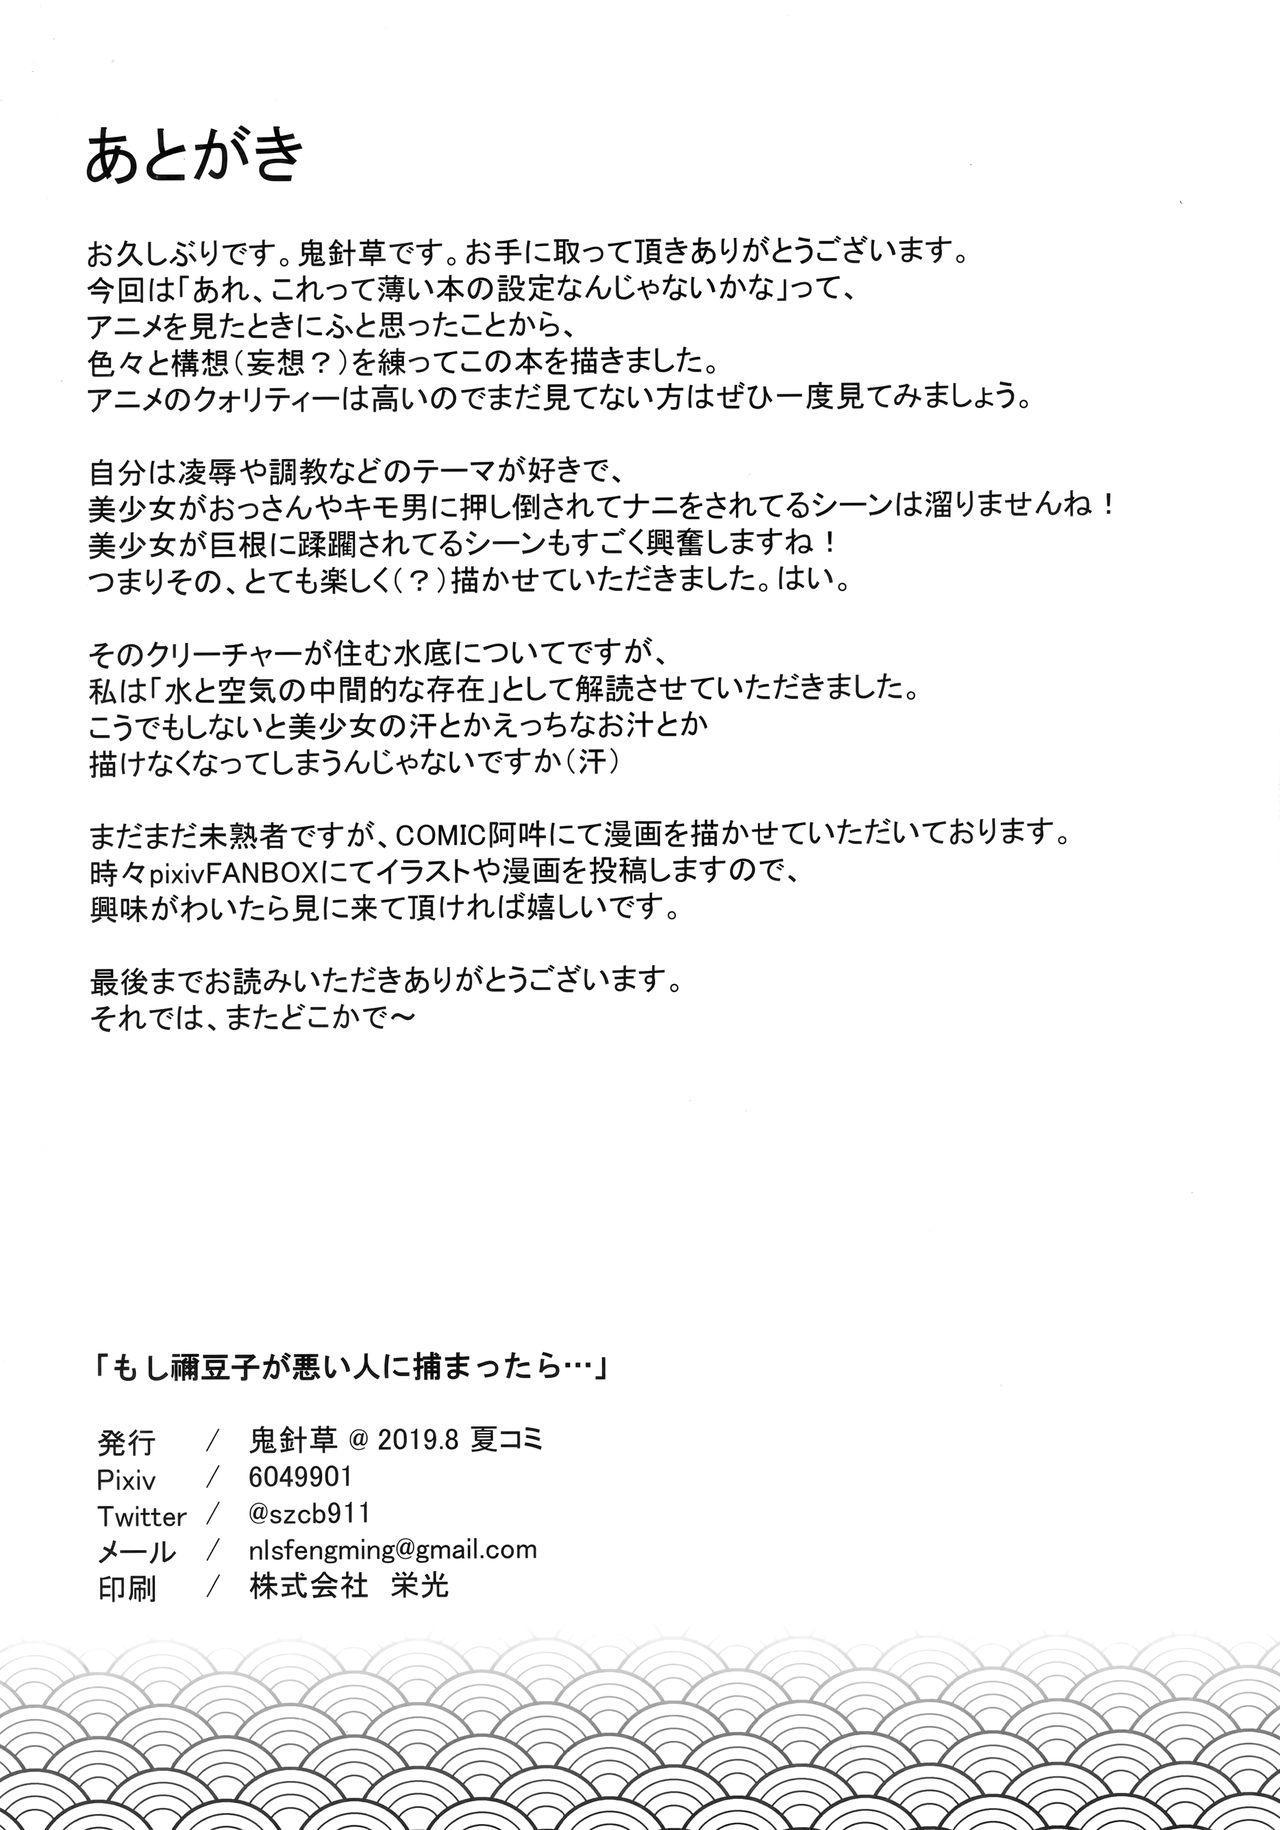 Moshi Nezuko ga Warui Hito ni Tsukamattara... 20